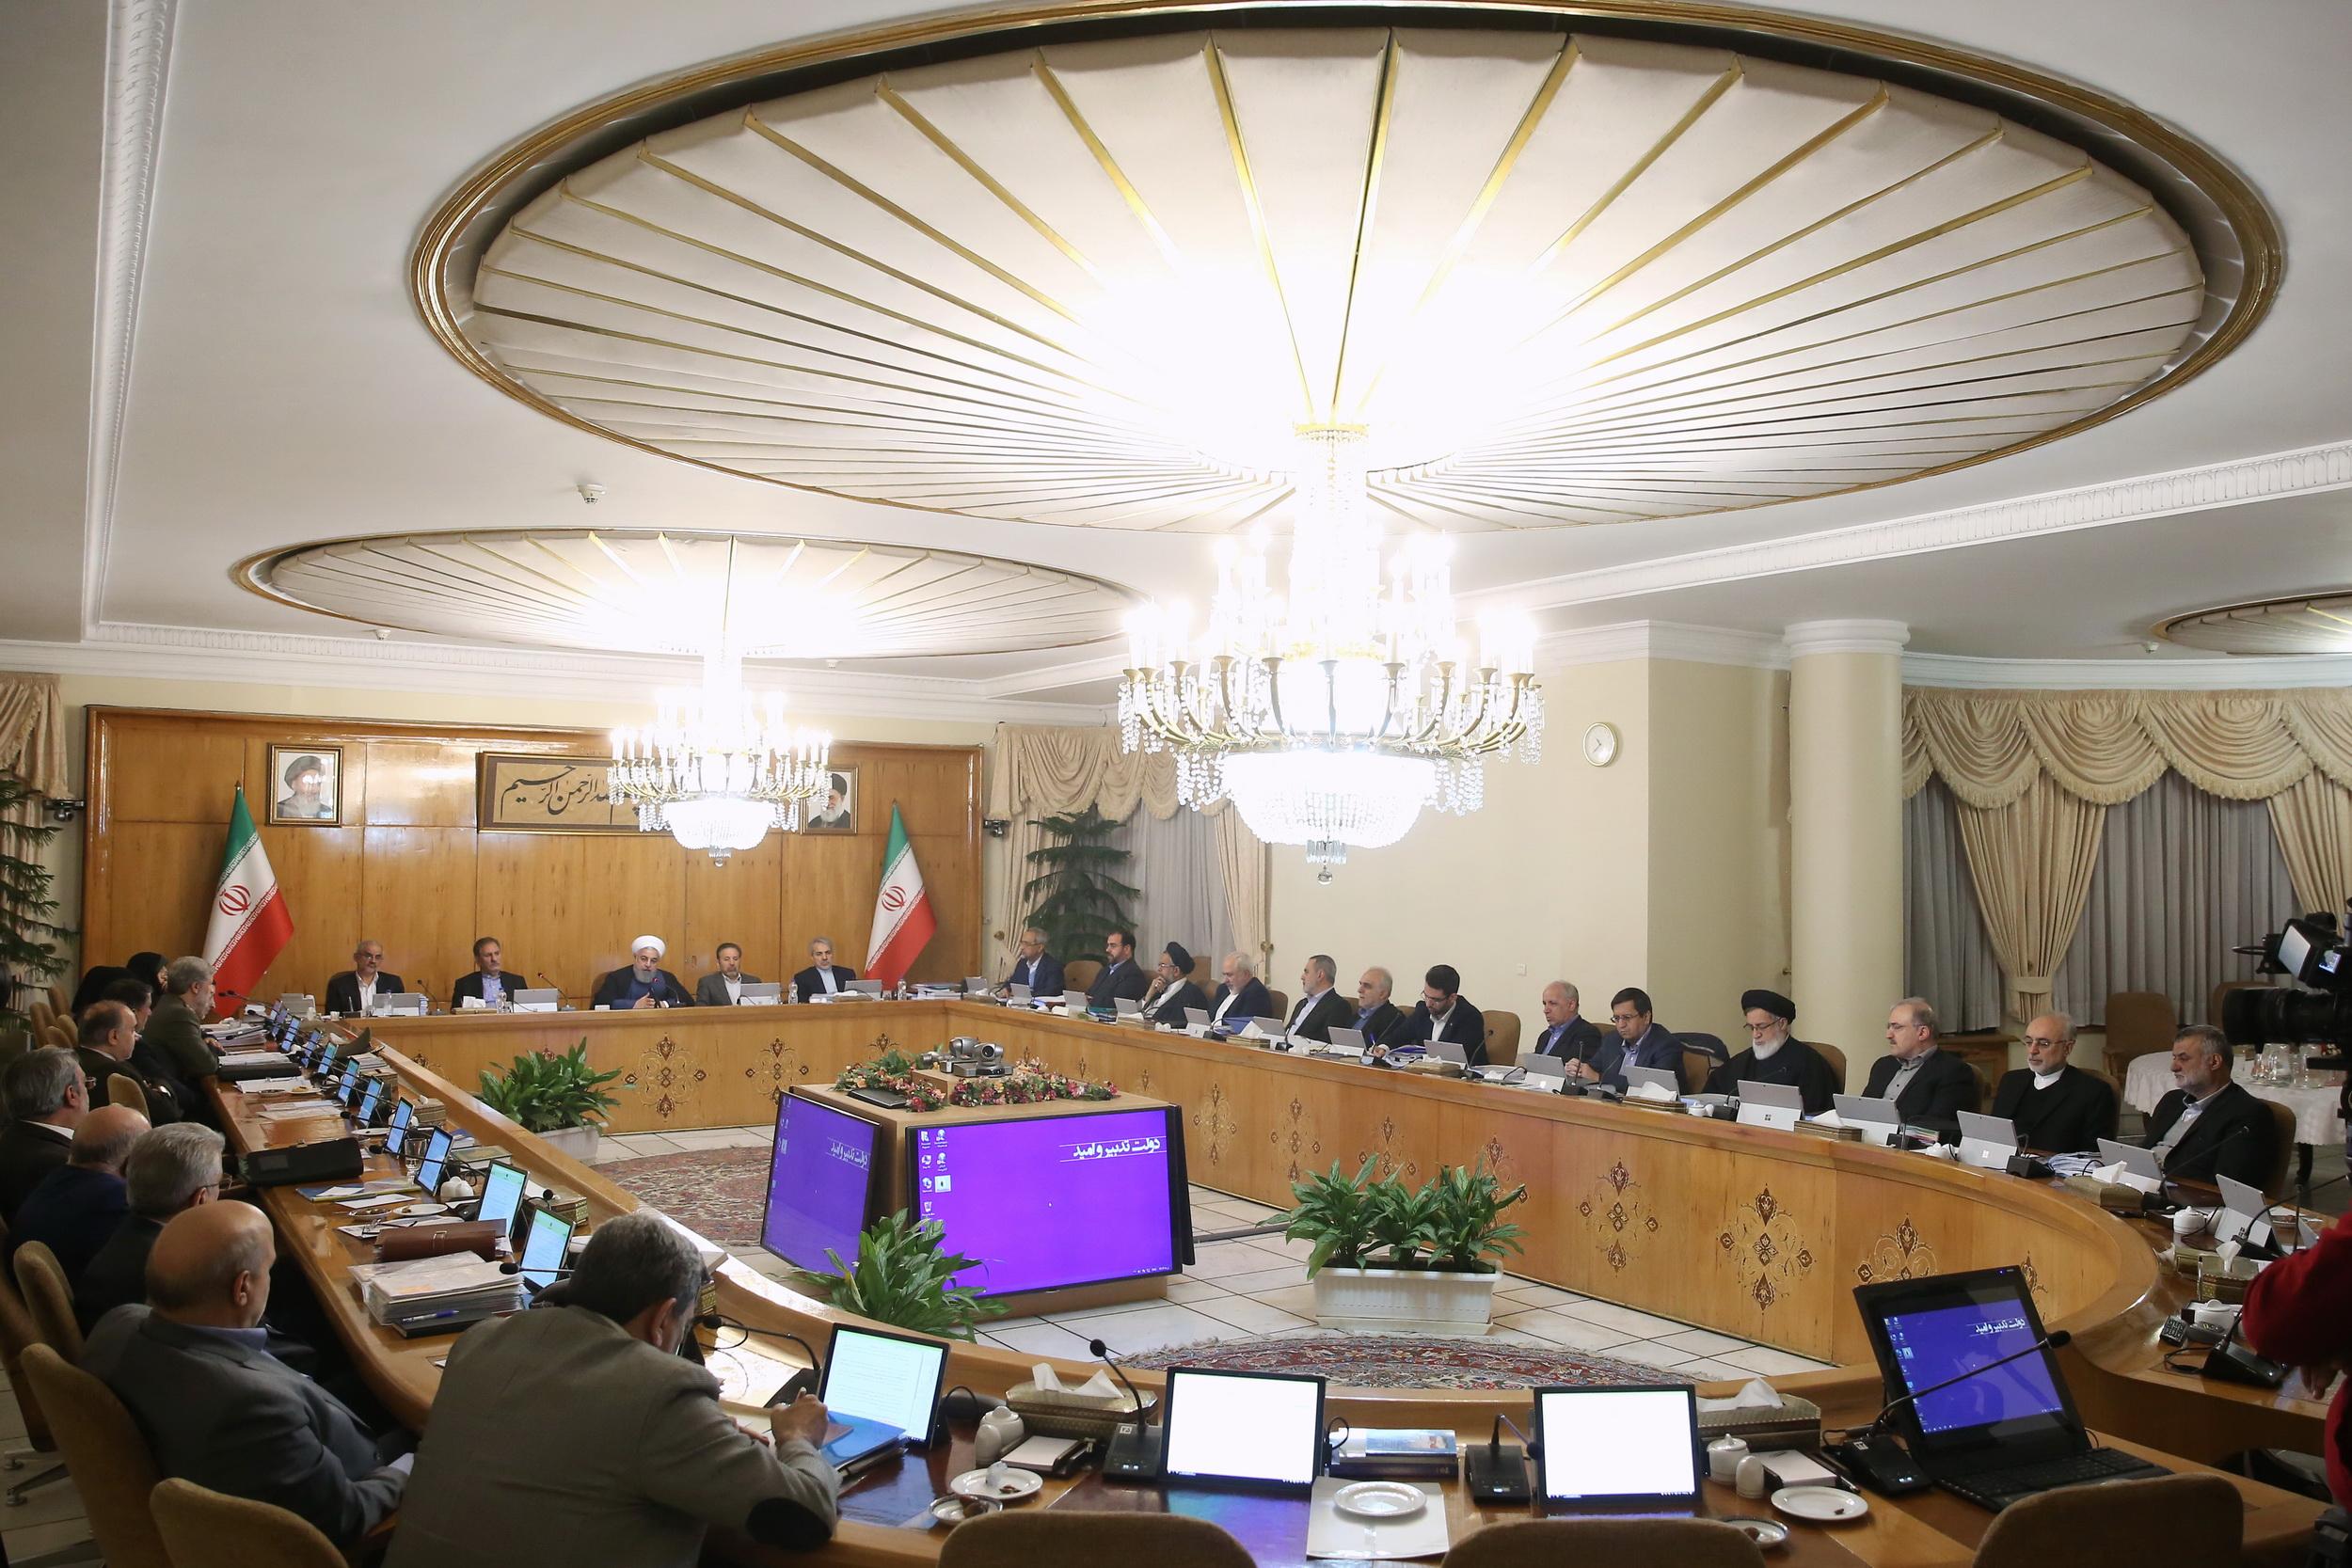 میزان پاداش پایان سال ۱۳۹۷ کارکنان دولت 10 میلیون ریال تعیین شد